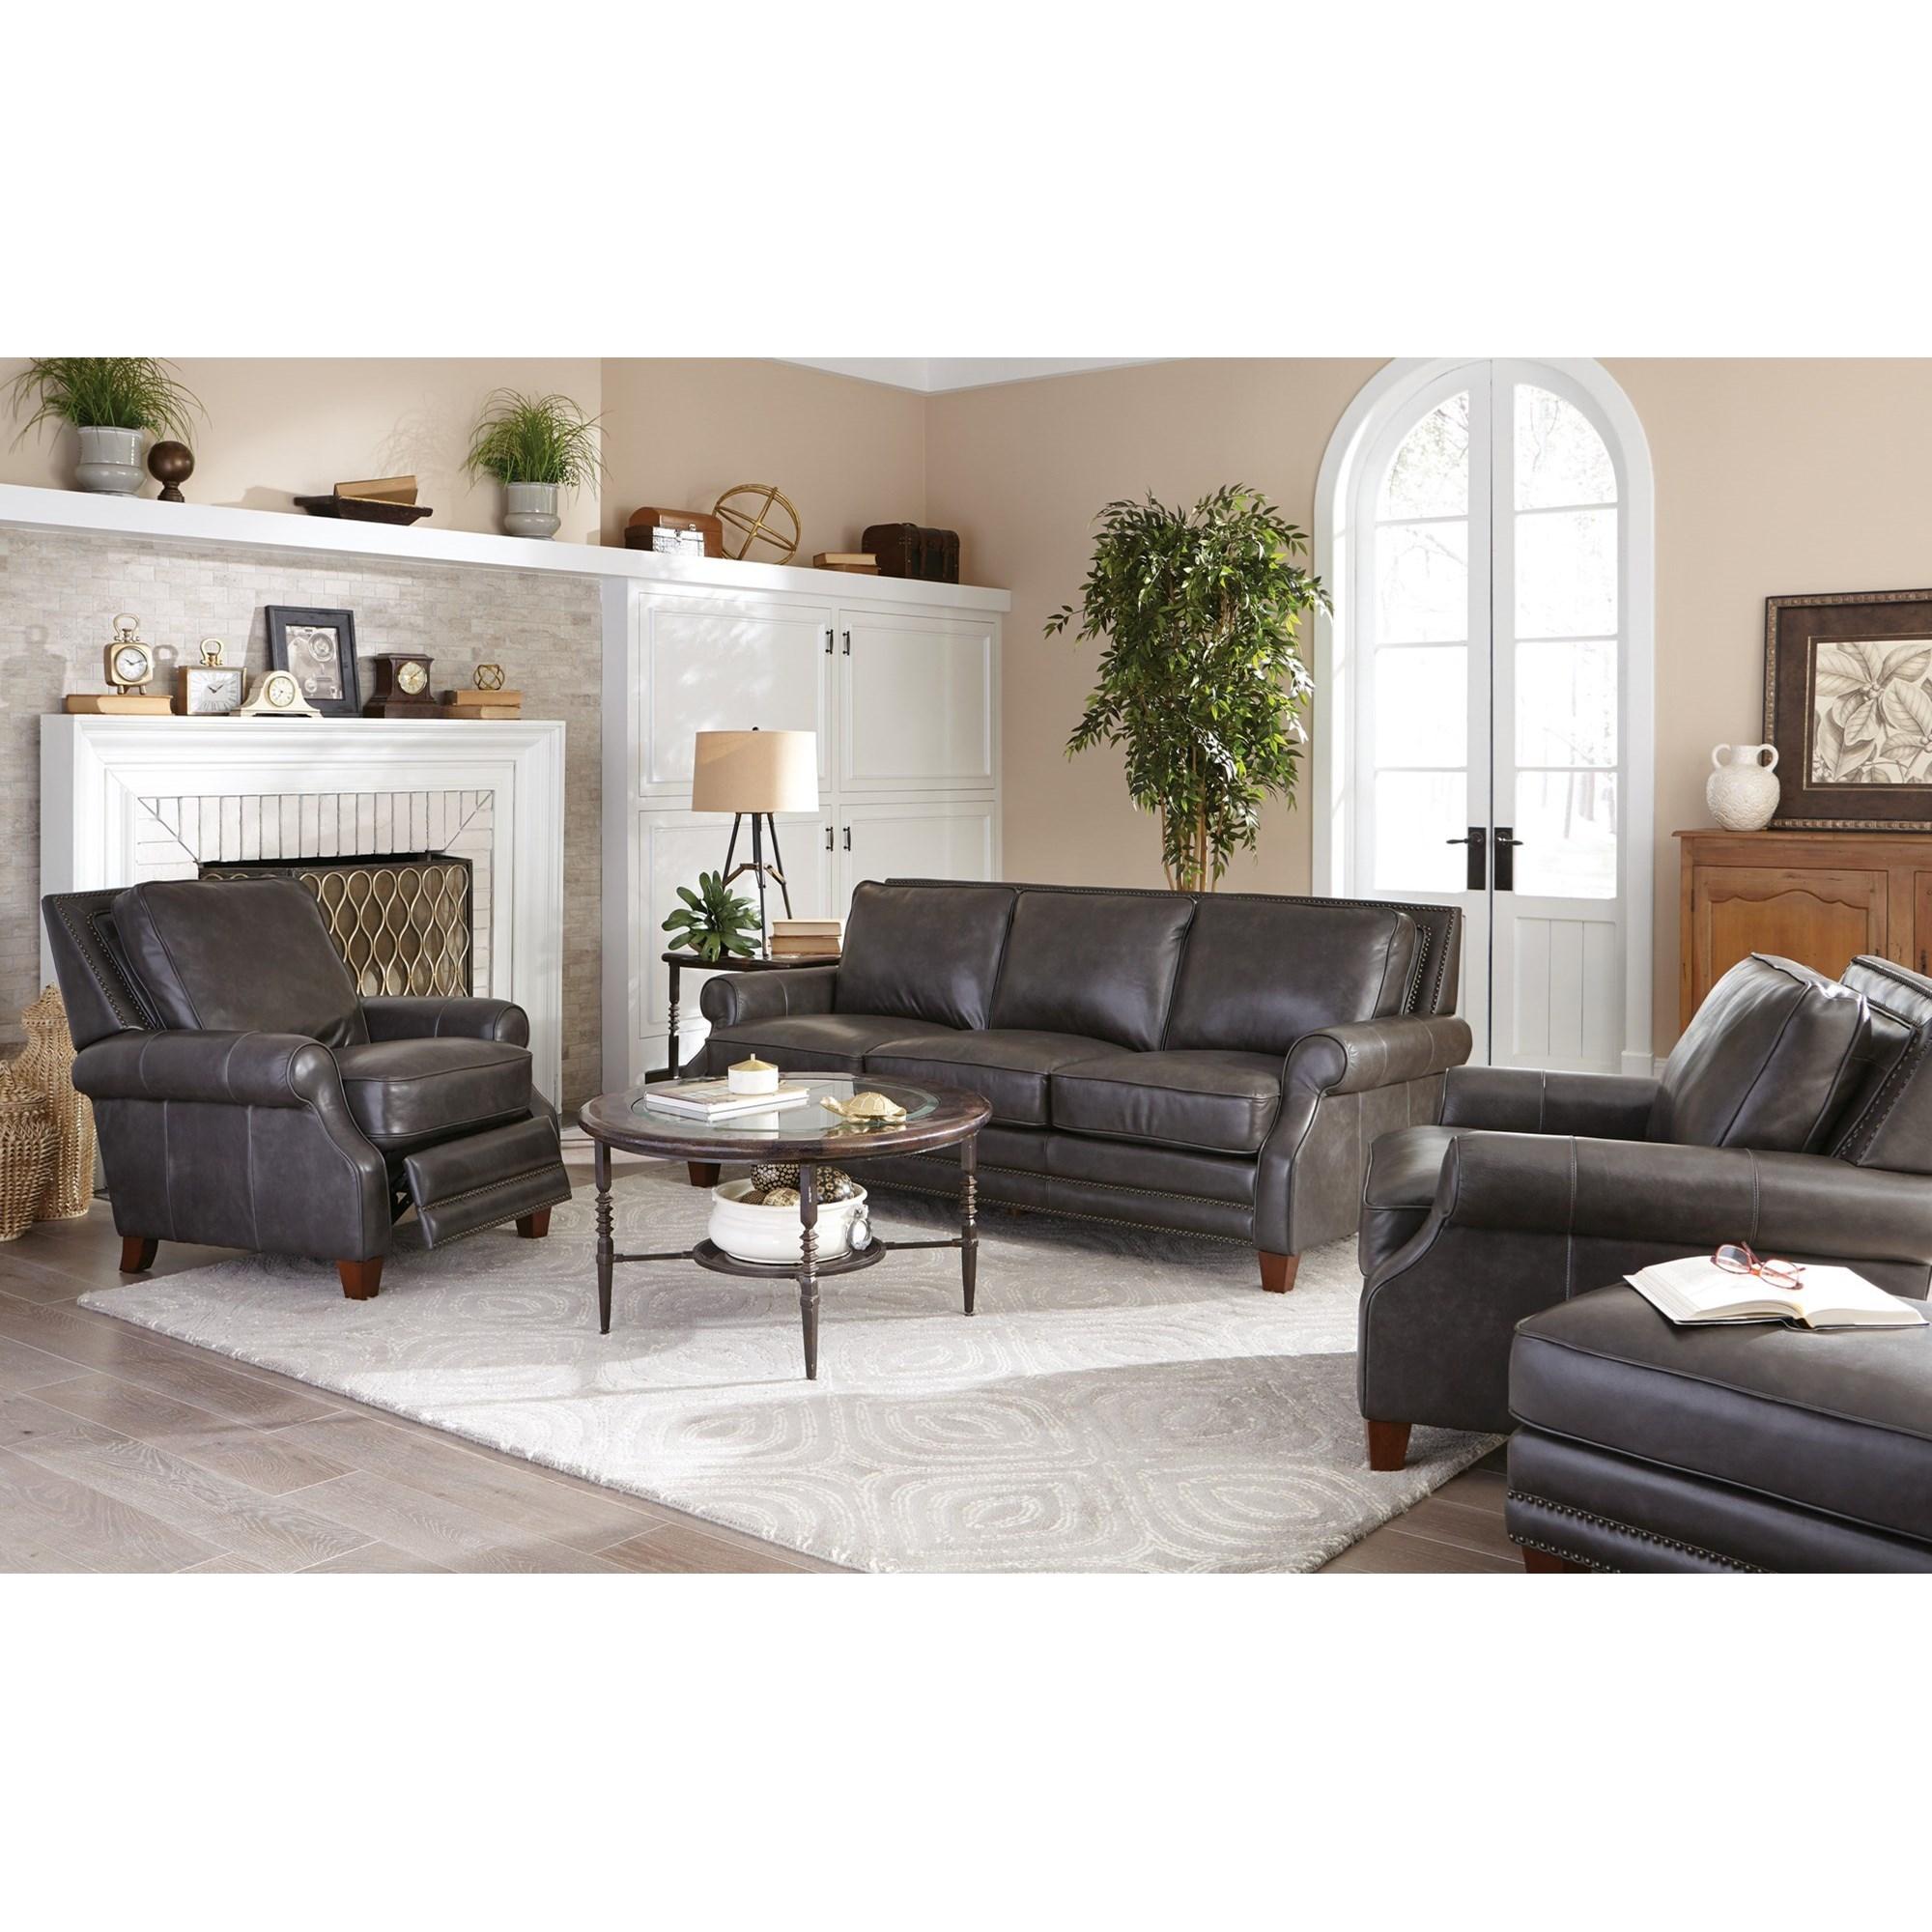 Craftmaster L164050 Living Room Group Belfort Furniture Stationary Living Room Groups